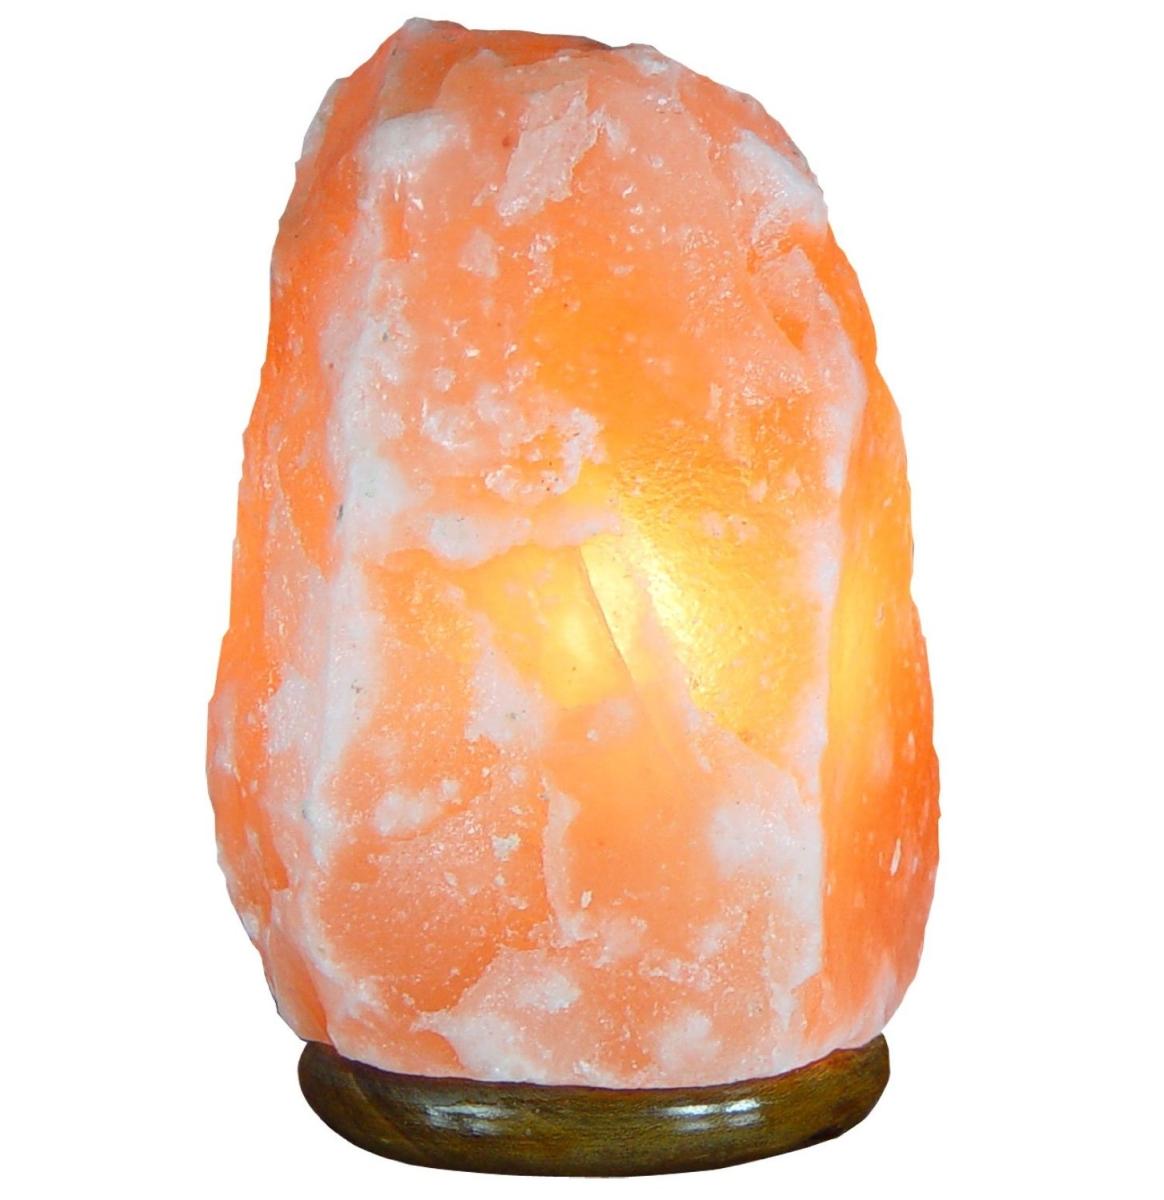 Лампа соляная Белоснежка, с плафоном из гималайской соли, E14, 15Вт, 10-15 кгDE 0061Красивая и оригинальная соляная лампа Белоснежка с плафоном из гималайской соли. Плафон изготавливается из целого куска соли, которая добывается ручным способом, затем раскалывается на части и из небольших кусков изготавливают соляные плафоны. Такую лампу можно установить на столе, прикроватной тумбочке или на полу. Лампа создаст уютную атмосферу в вашем доме и станет прекрасным дополнением интерьера.Основание лампы выполнено из дерева. В комплект также входит электрический шнур с вилкой, диммером и патроном для лампы E14.